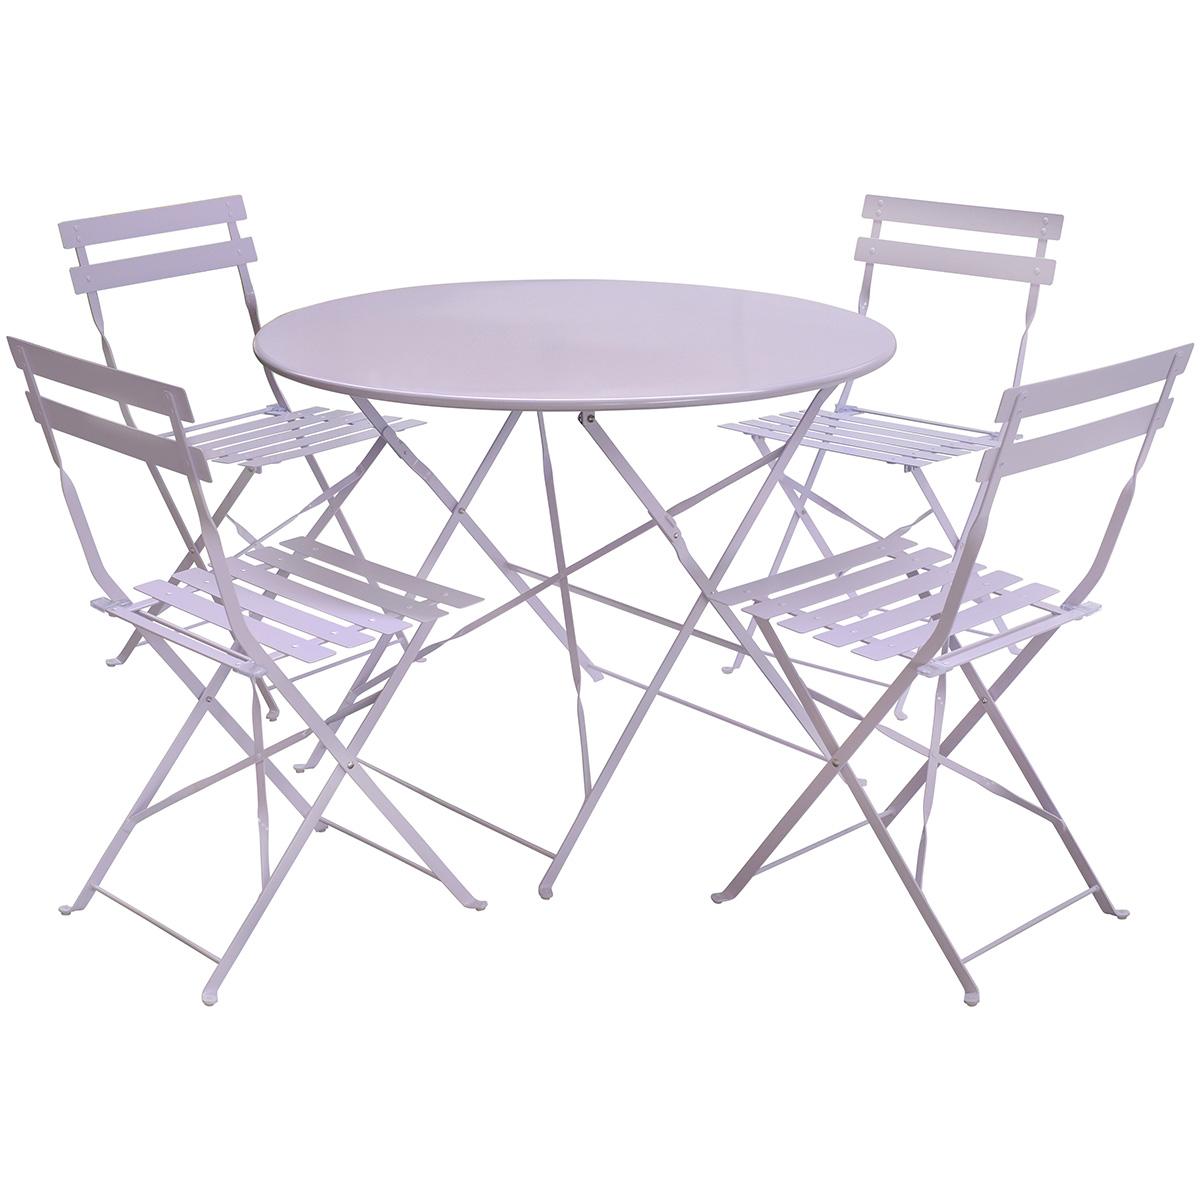 Gartenmöbel-Set für Terrasse - 1 runder Tisch & 4 Stühle aus Metall ...